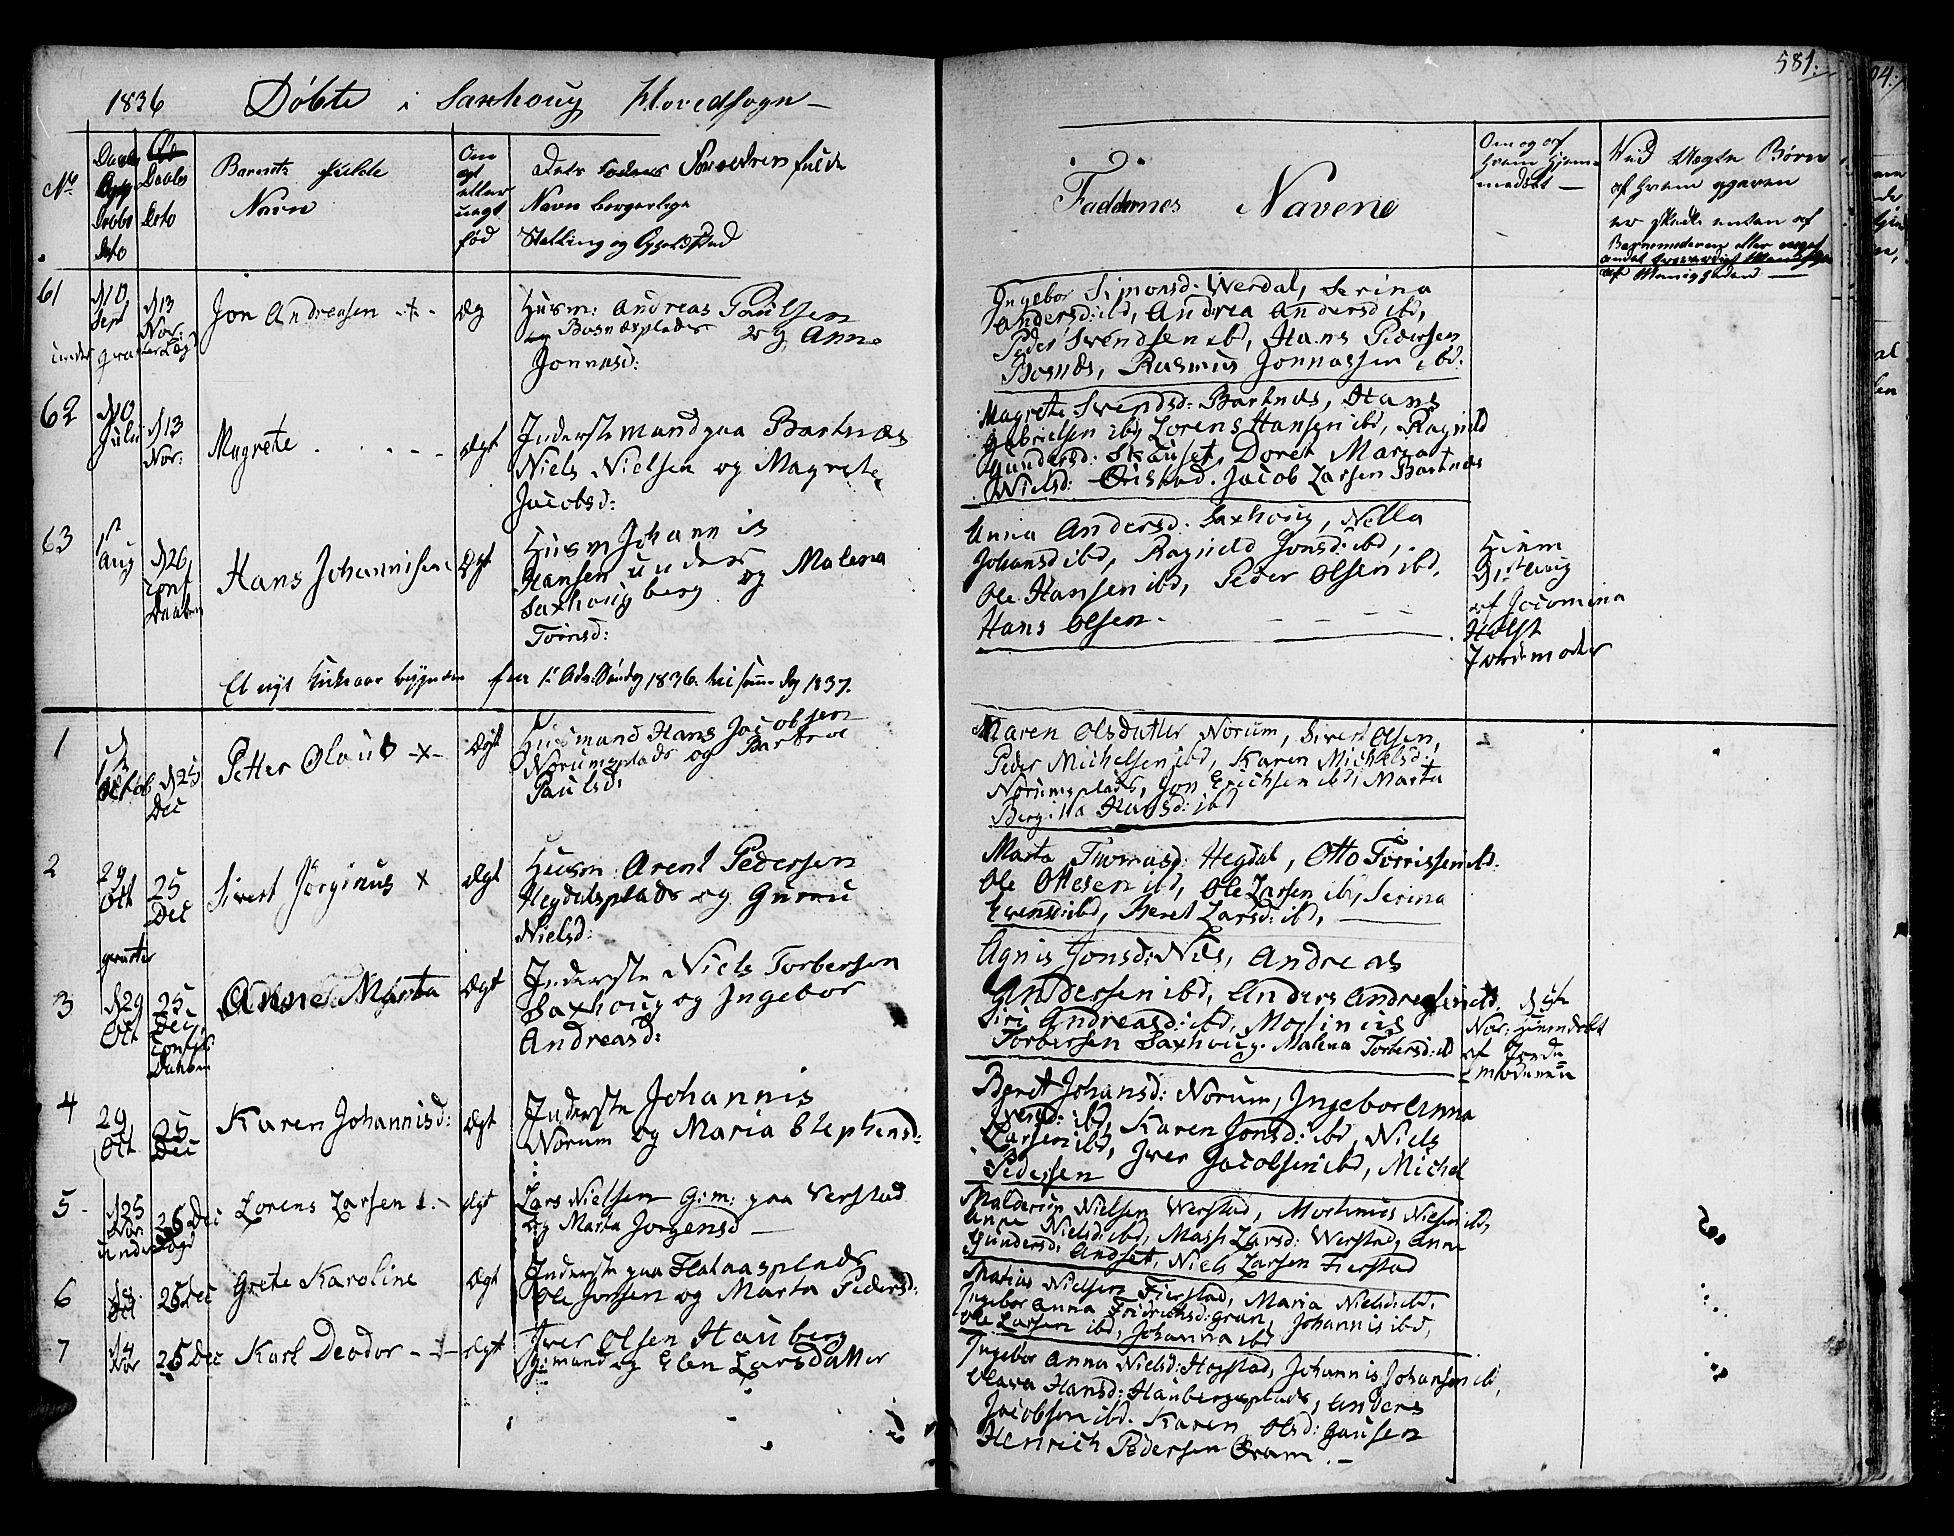 SAT, Ministerialprotokoller, klokkerbøker og fødselsregistre - Nord-Trøndelag, 730/L0277: Ministerialbok nr. 730A06 /1, 1830-1839, s. 581